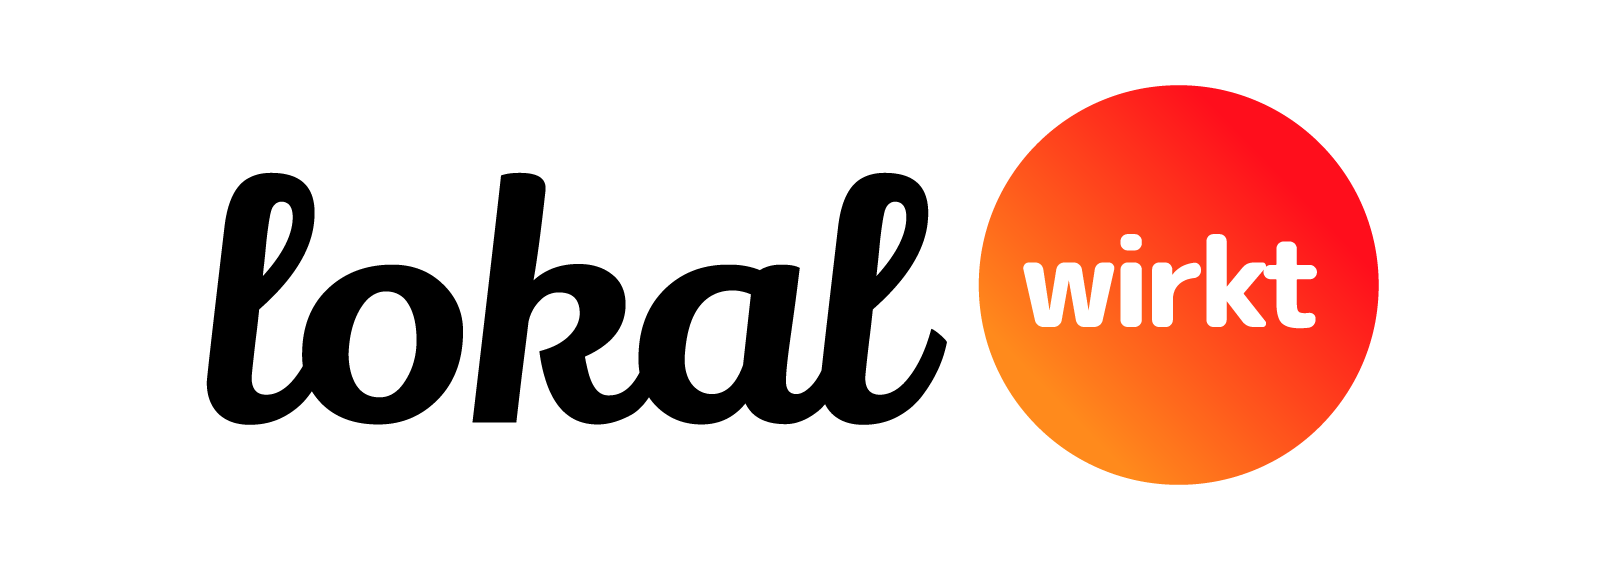 Portal Lokalwirkt.de unterstützt Einzelhandel, Gastronomie und Dienstleister